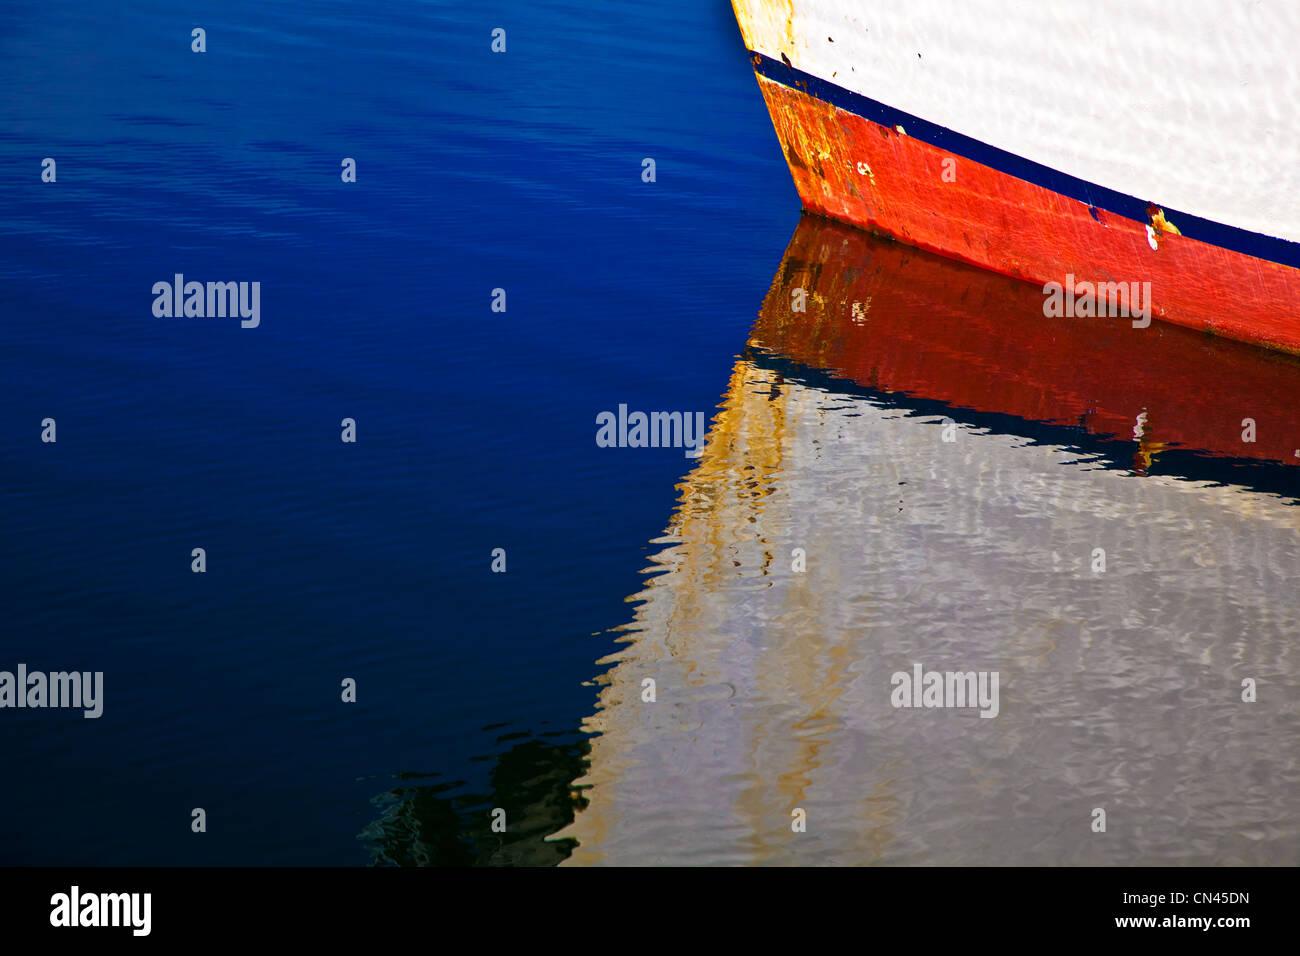 La riflessione di prua in barca in acqua Immagini Stock